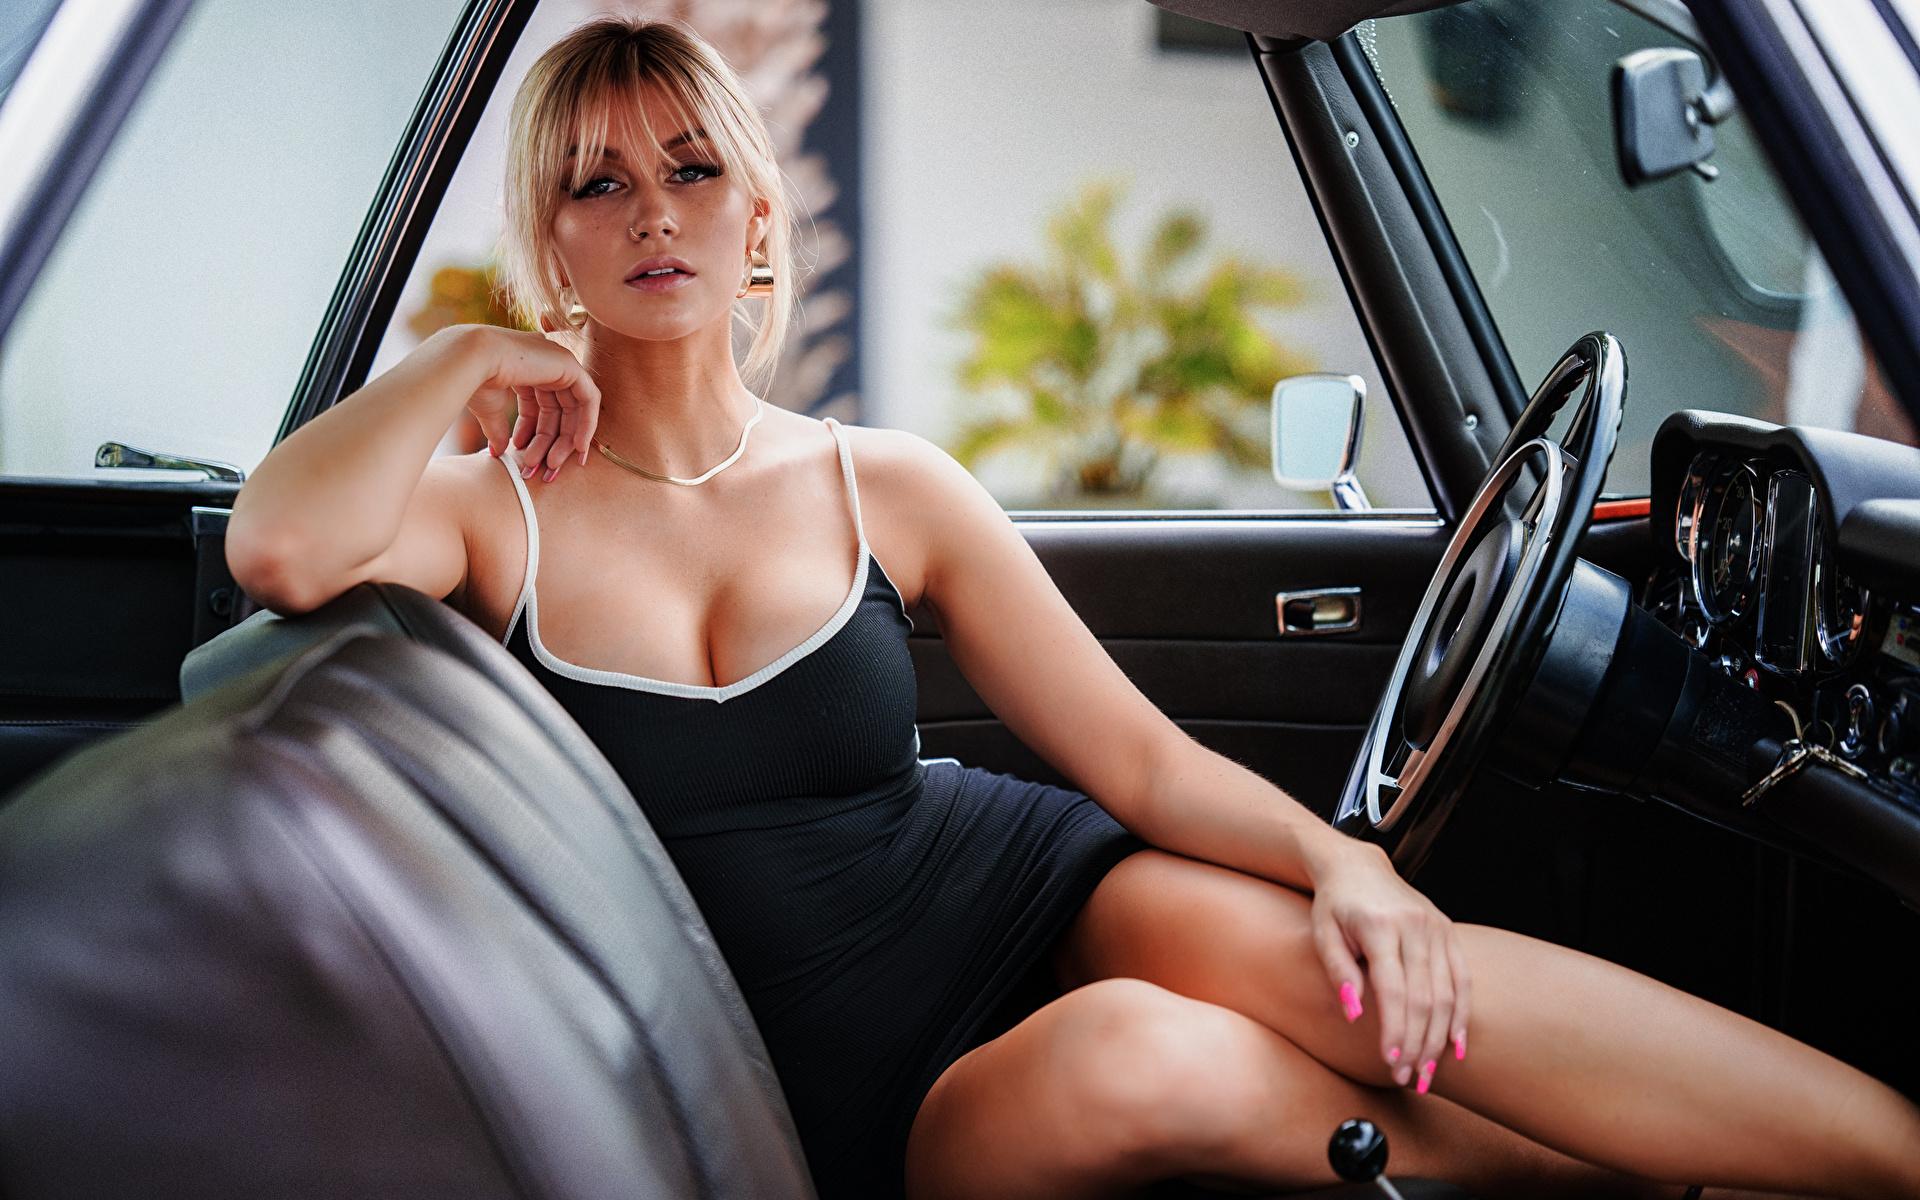 Bilder Blondine Marina Dekolleté junge Frauen Bein Autos sitzen Starren Kleid 1920x1200 Blond Mädchen dekolletee Mädchens junge frau auto sitzt Sitzend automobil Blick